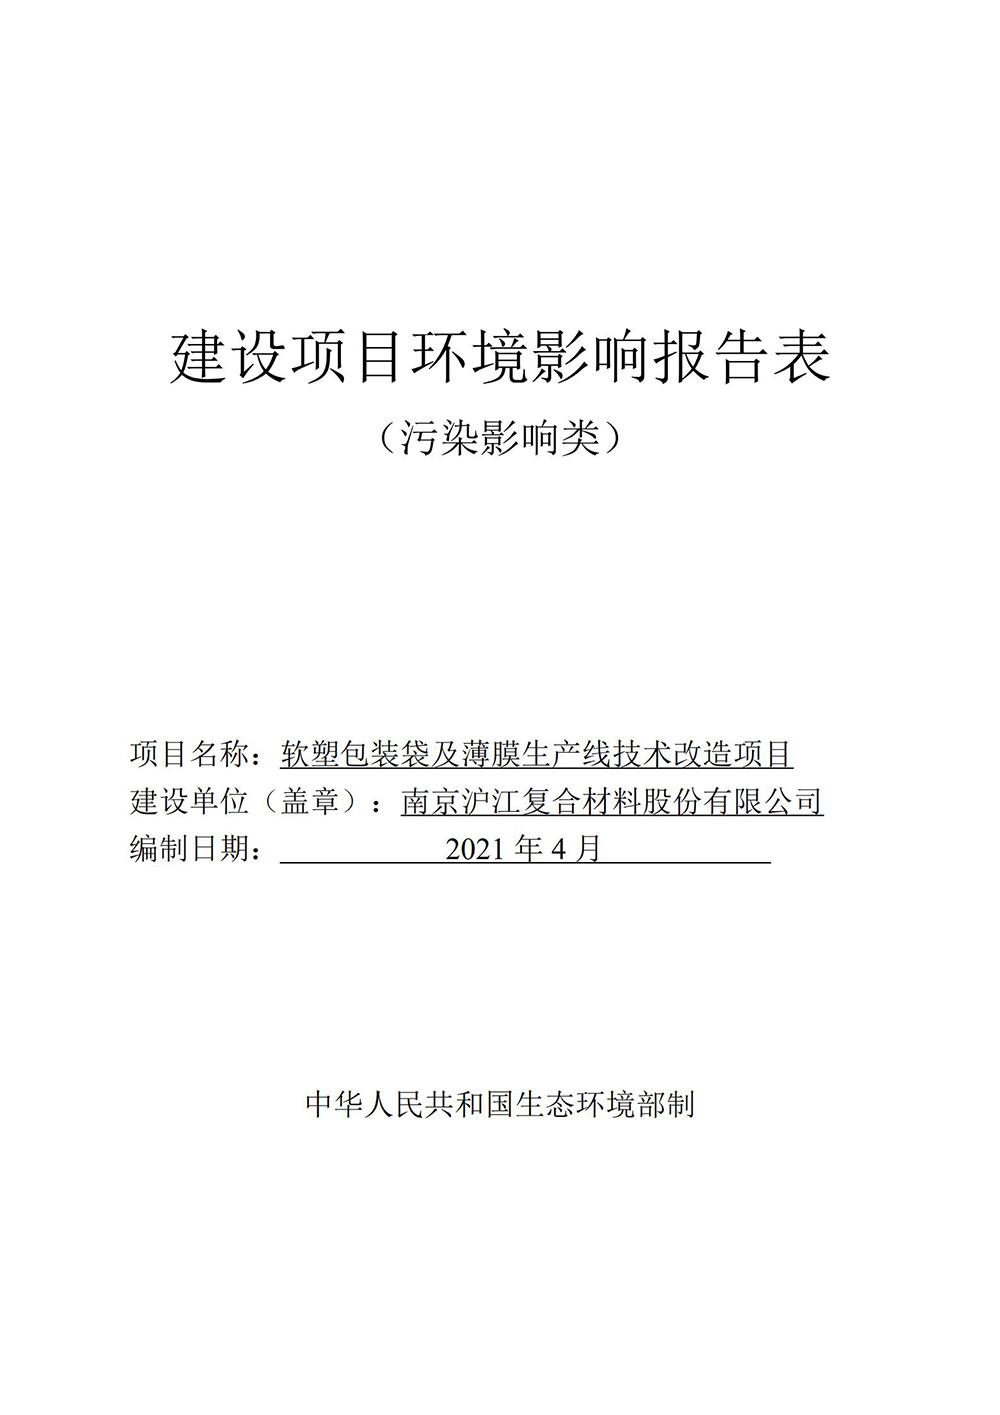 南京滬江復合材料股份有限公司軟塑包裝袋及薄膜生產線技術改造項目環境影響報告表全本公示